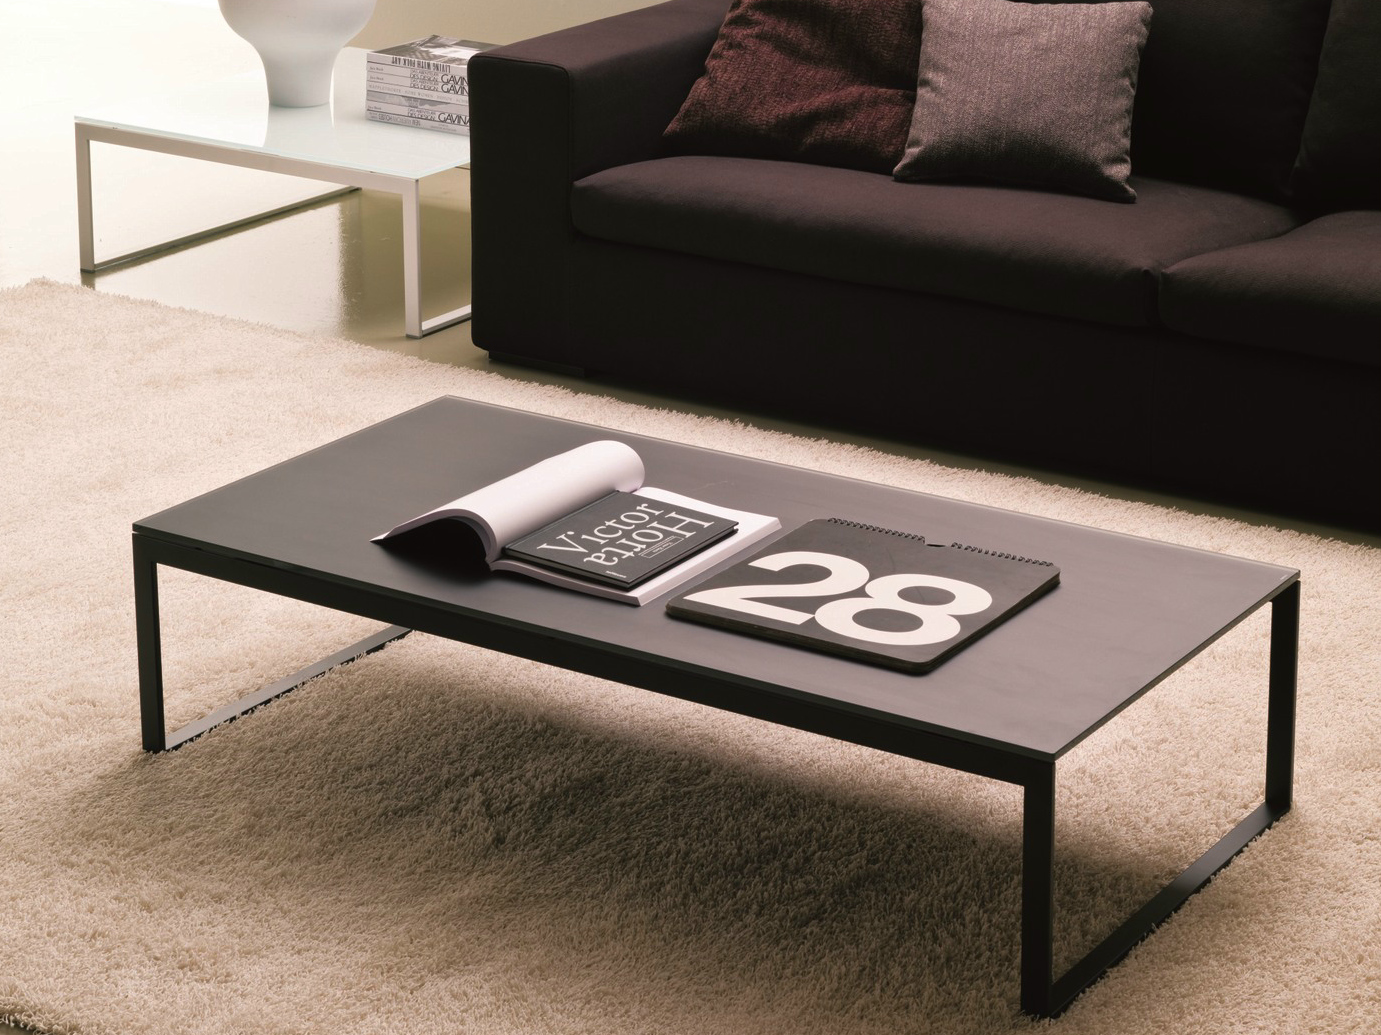 Hiphop tavolino rettangolare by bontempi casa design studio 28 - Tavolino da salotto design ...